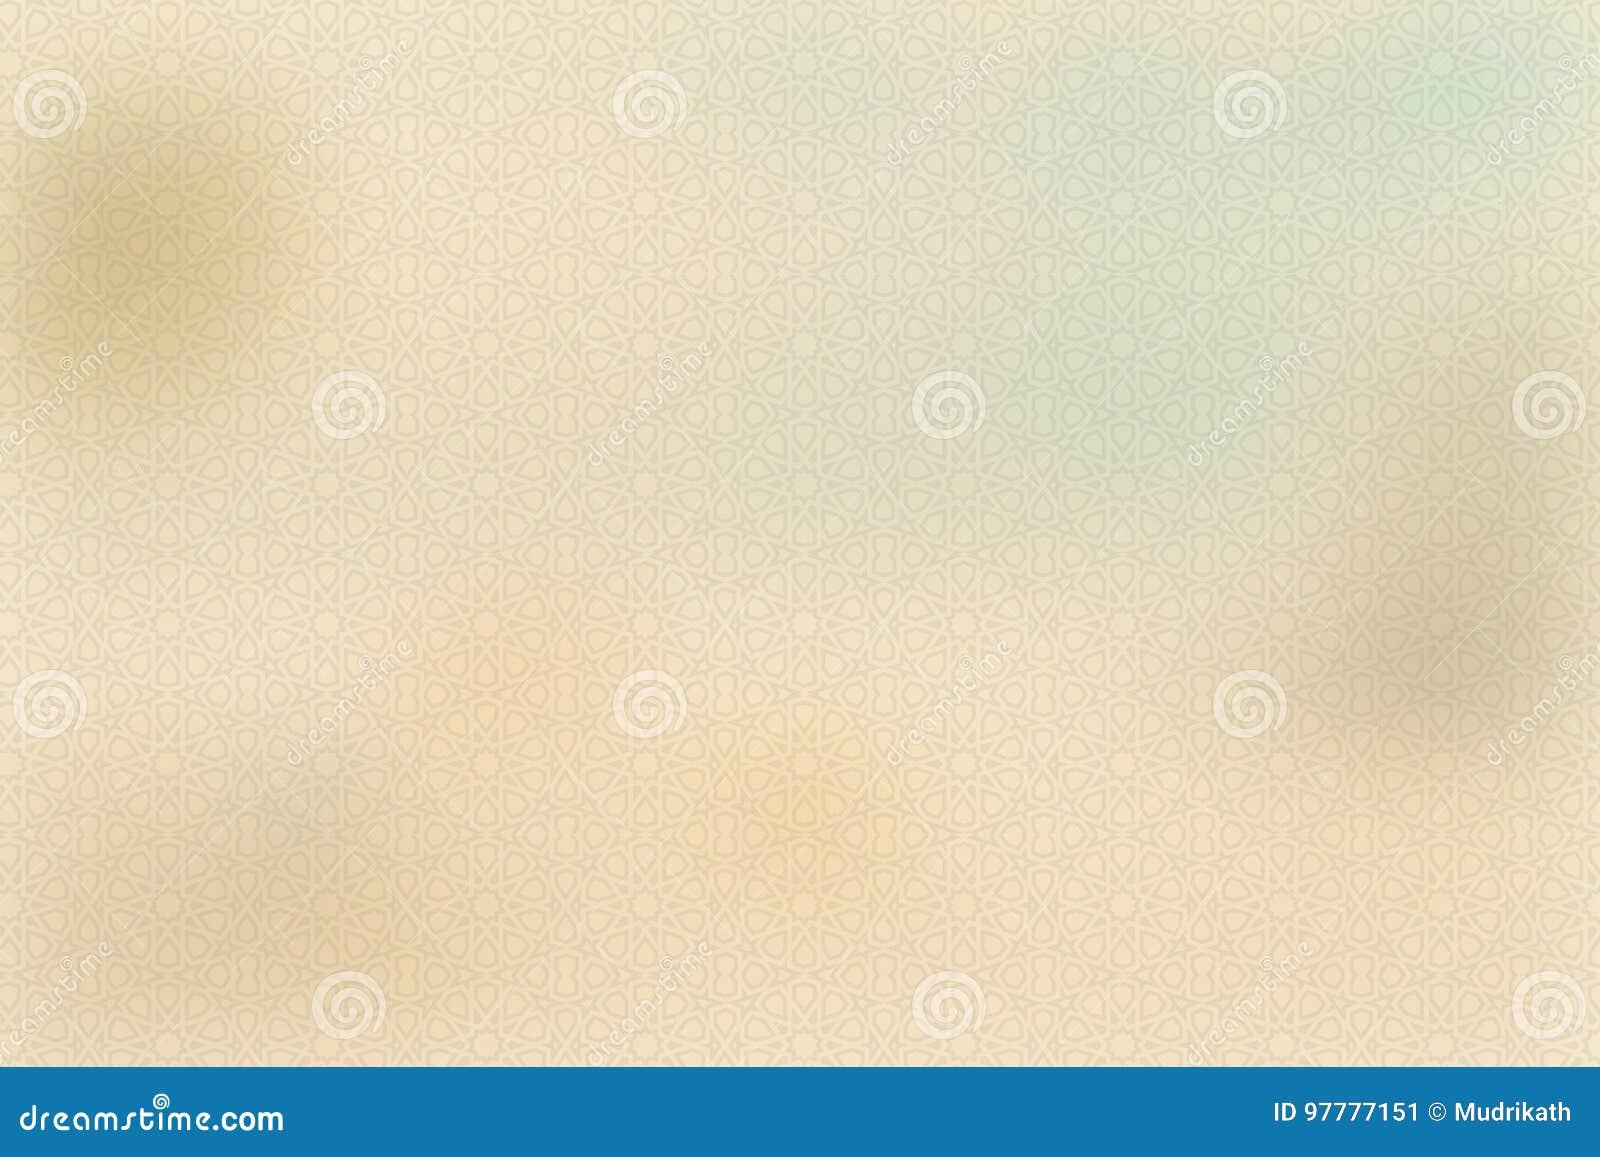 Η κίτρινη εκλεκτής ποιότητας κρέμα ή το μπεζ χρωματίζει, έγγραφο περγαμηνής, αφηρημένη χρυσή κλίση κρητιδογραφιών με τις καφετιές